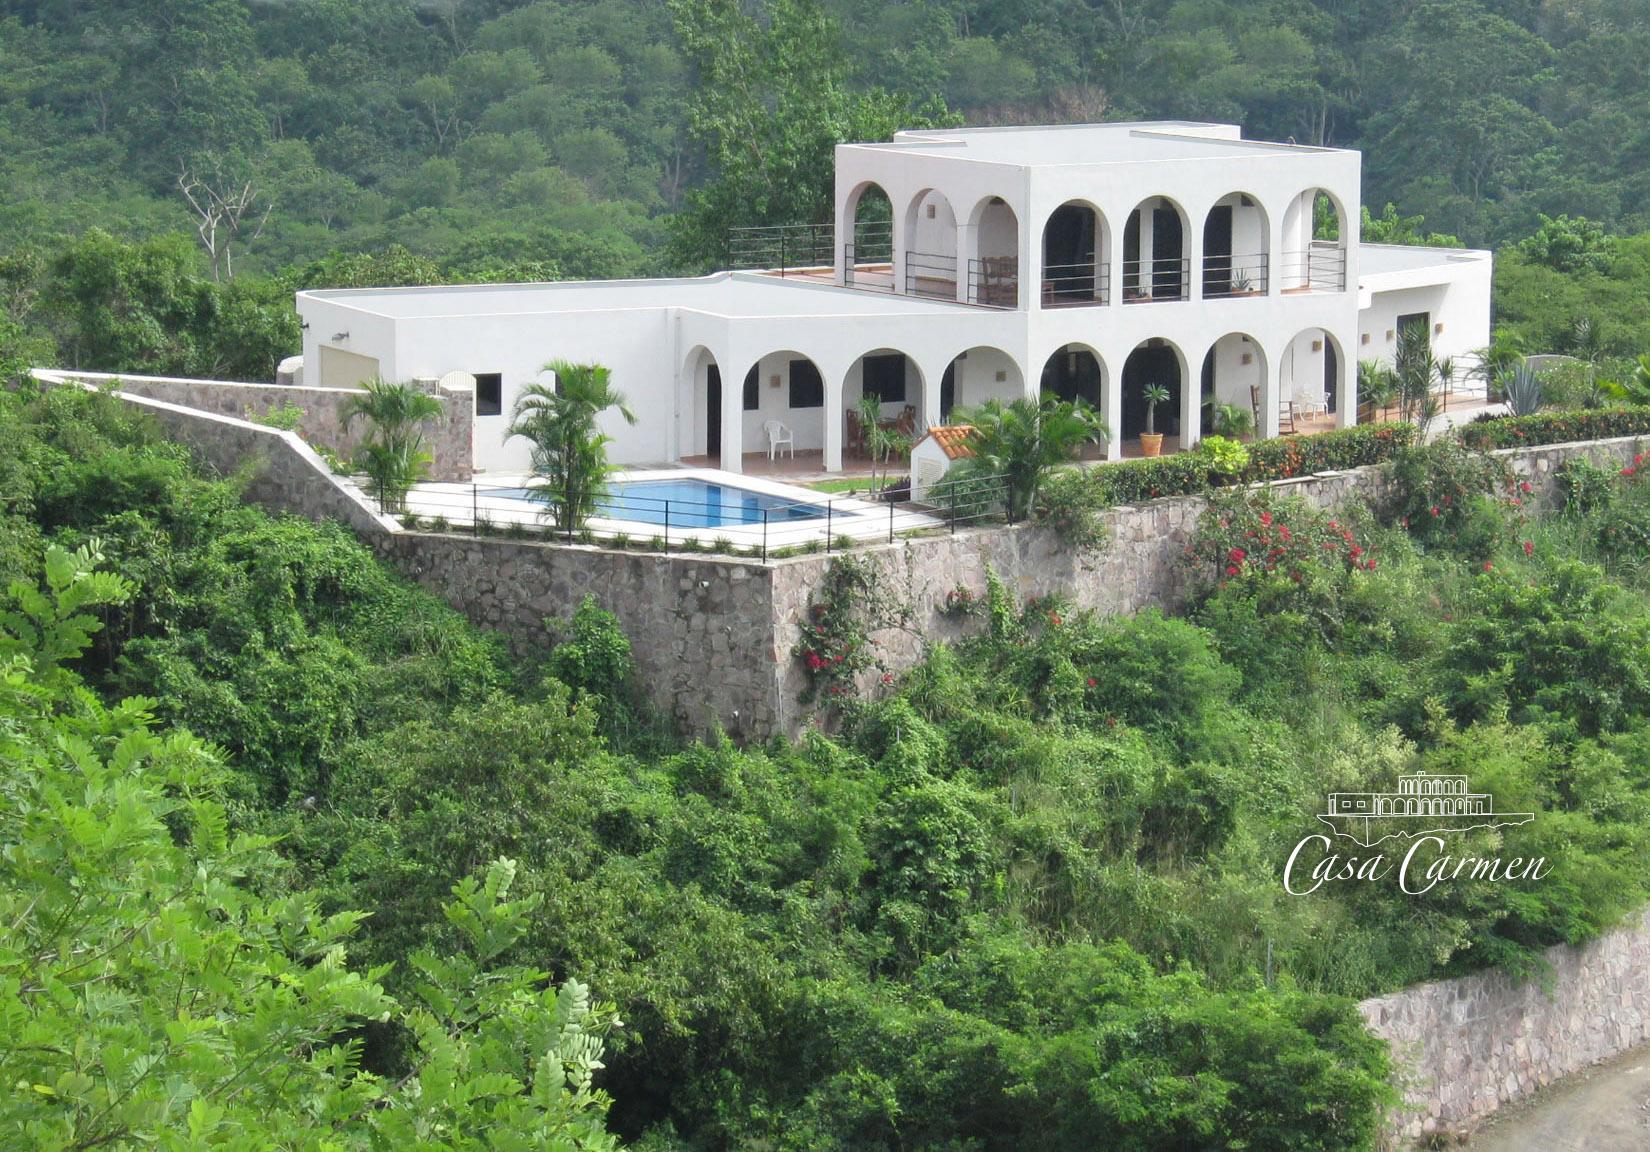 Casa Carmen Private Home In La Manzanilla Jalisco Mexico